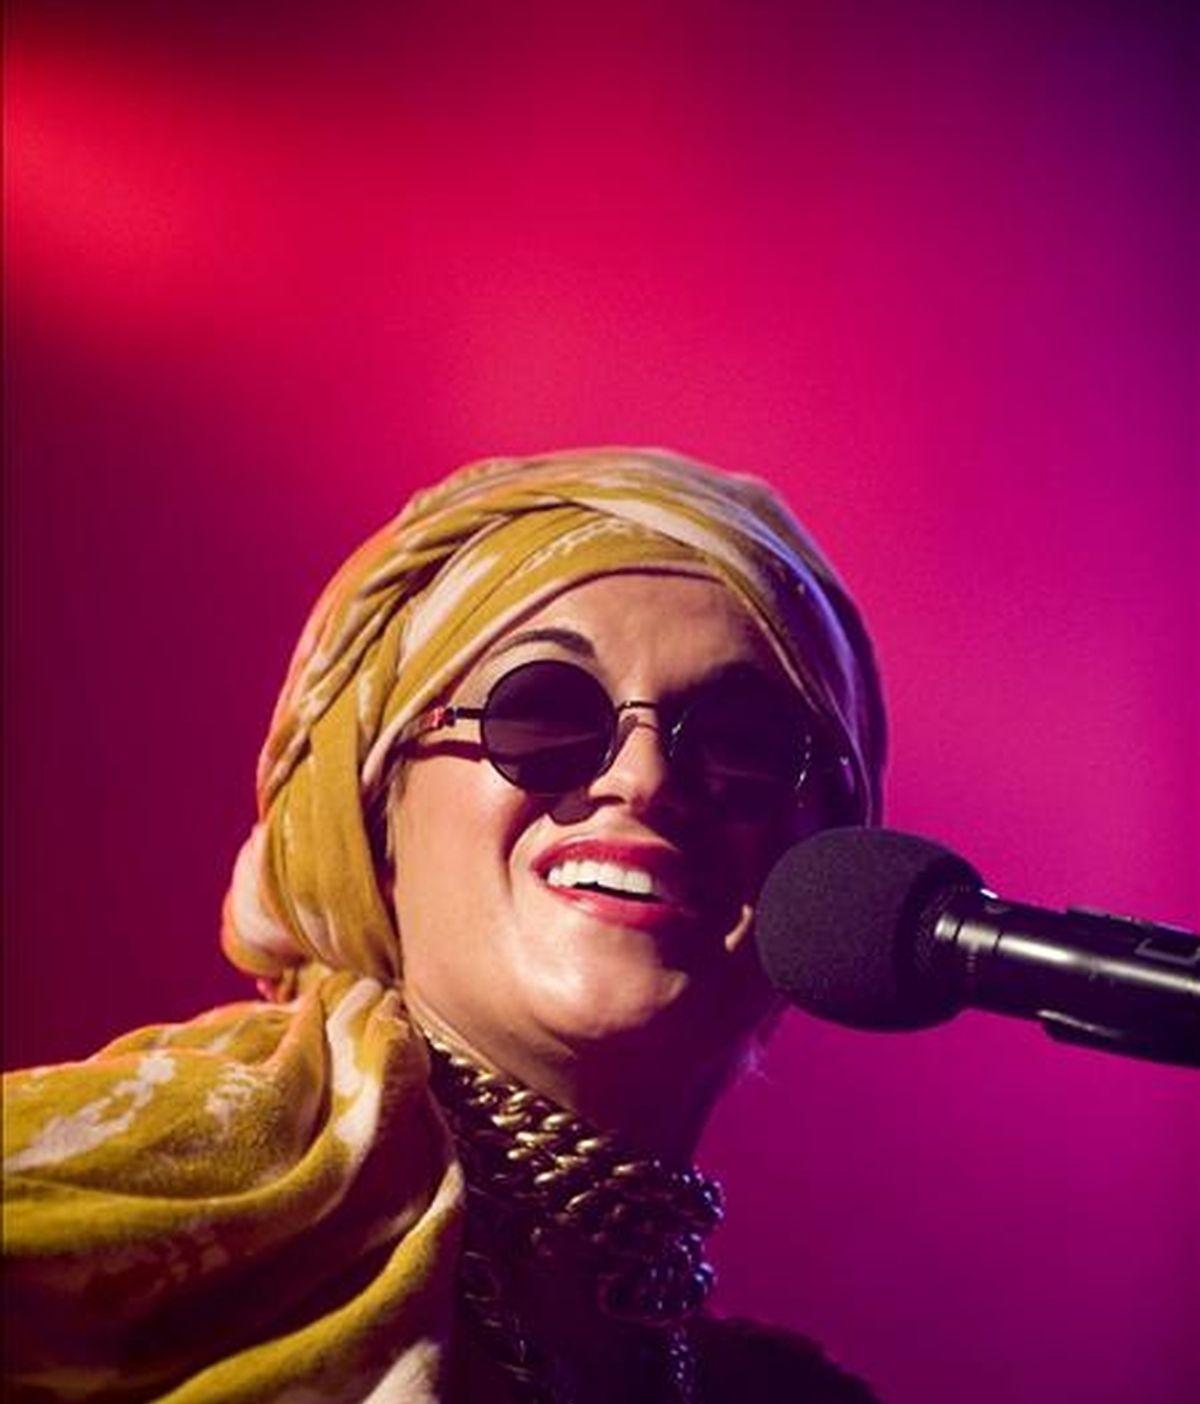 """La cantante estadounidense Melody Gardot, la nueva estrella del jazz vocal, deleitó esta noche sobre el escenario del festival La Mar de Músicas a un público de incondicionales, con la presentación su segundo álbum, """"My one and only thrill"""". EFE"""